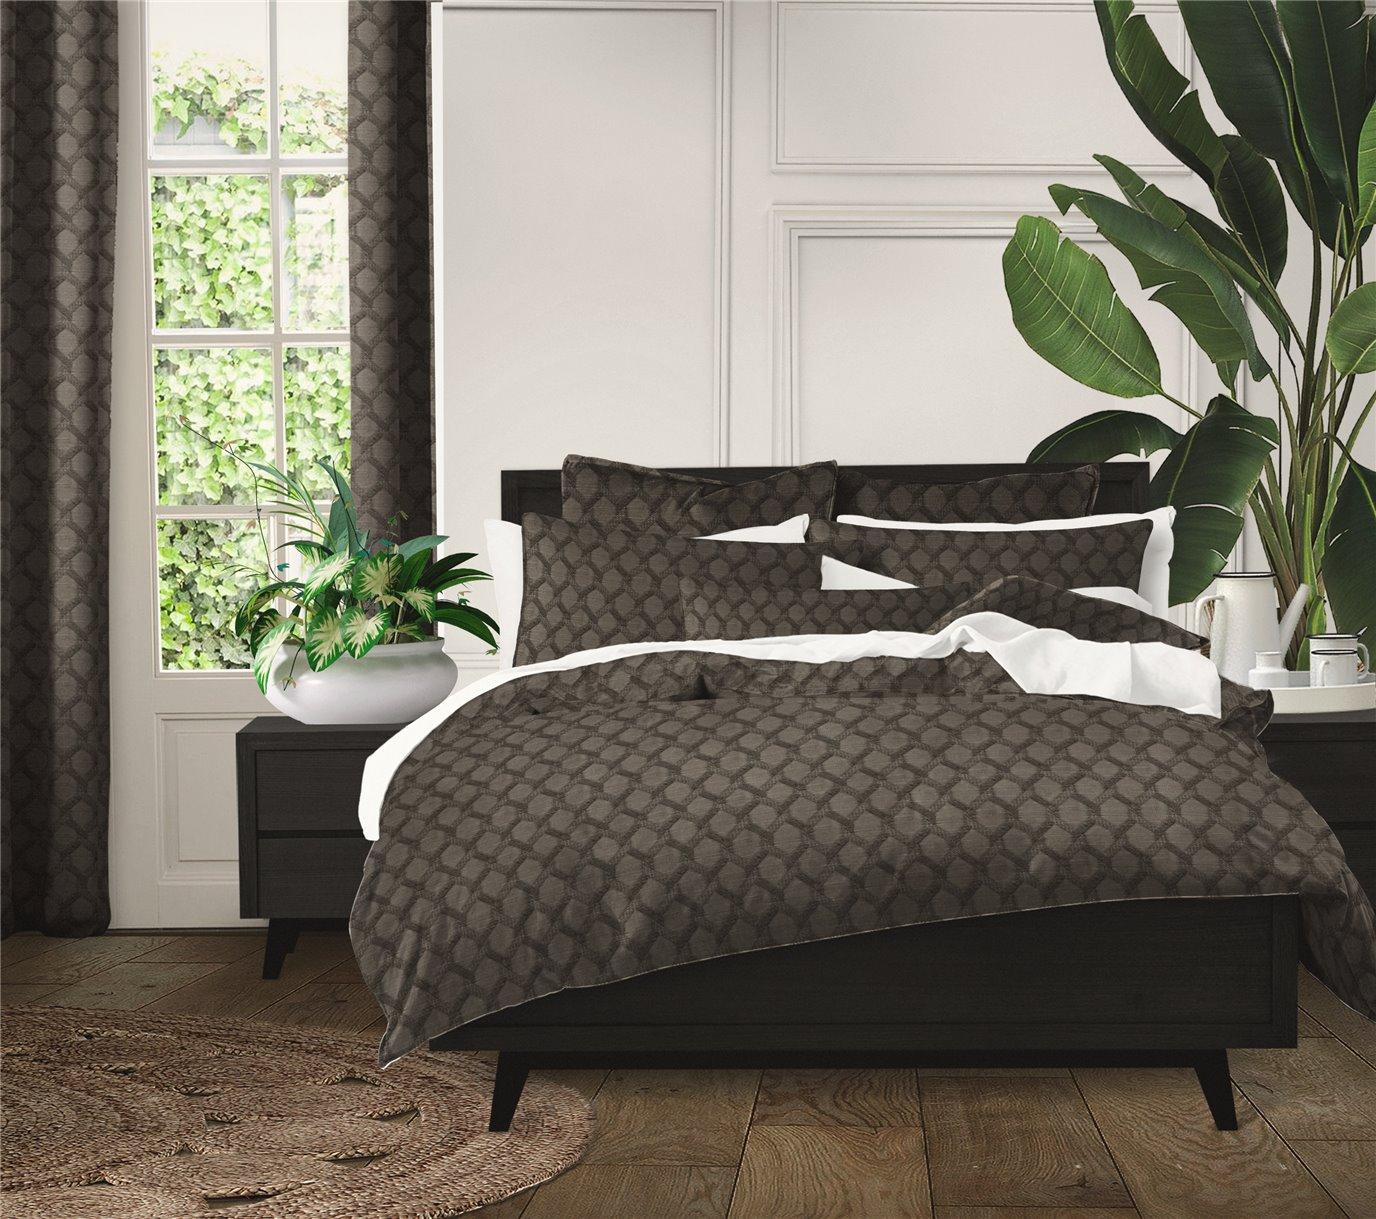 Malden Charcoal Comforter Set - Super King